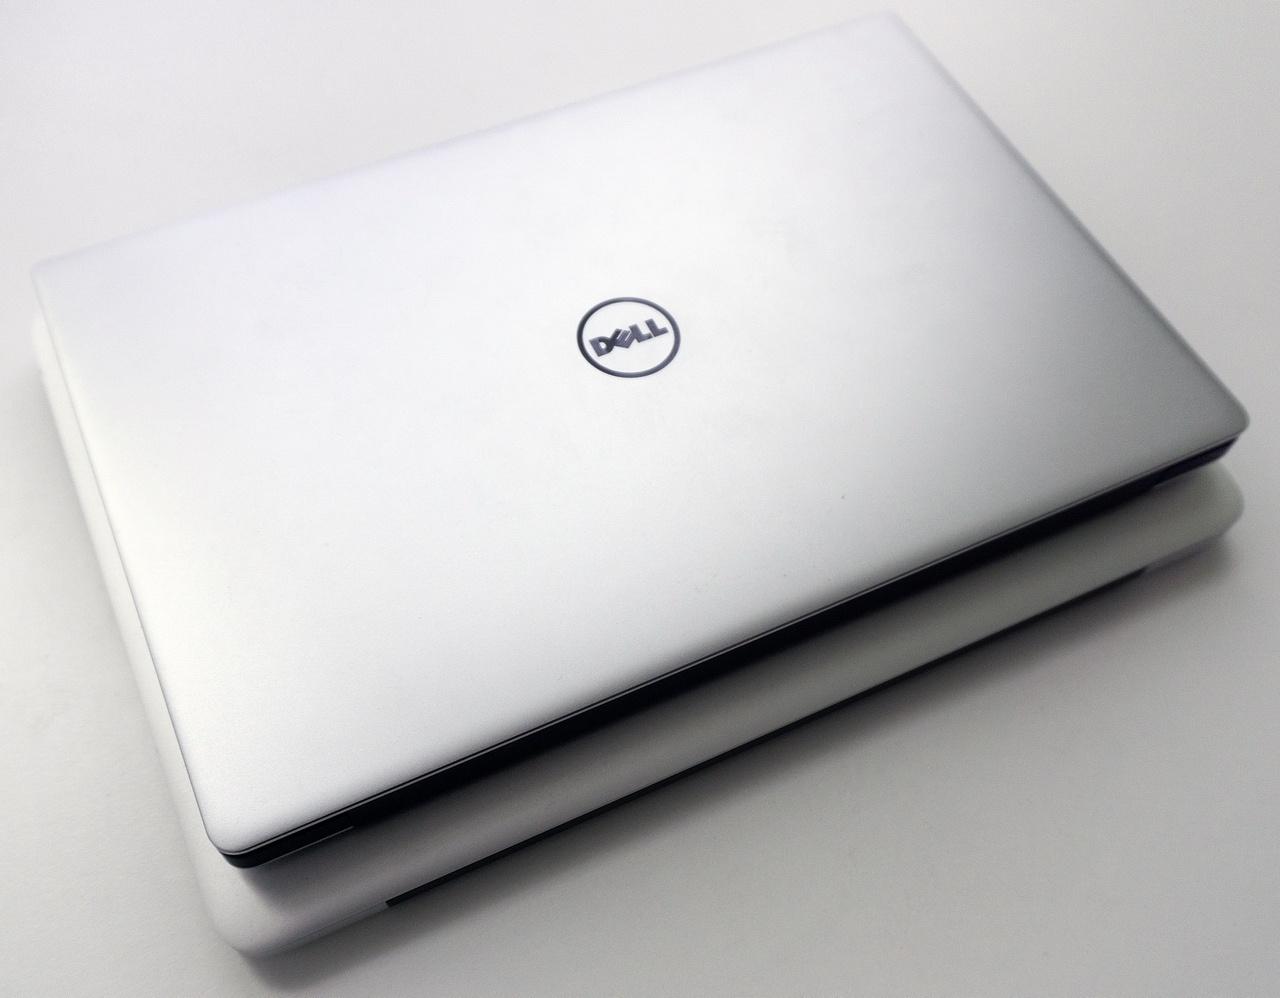 Новый Dell XPS 13: Как уменьшить 13-дюймовый ноутбук с пользой для дела? - 3